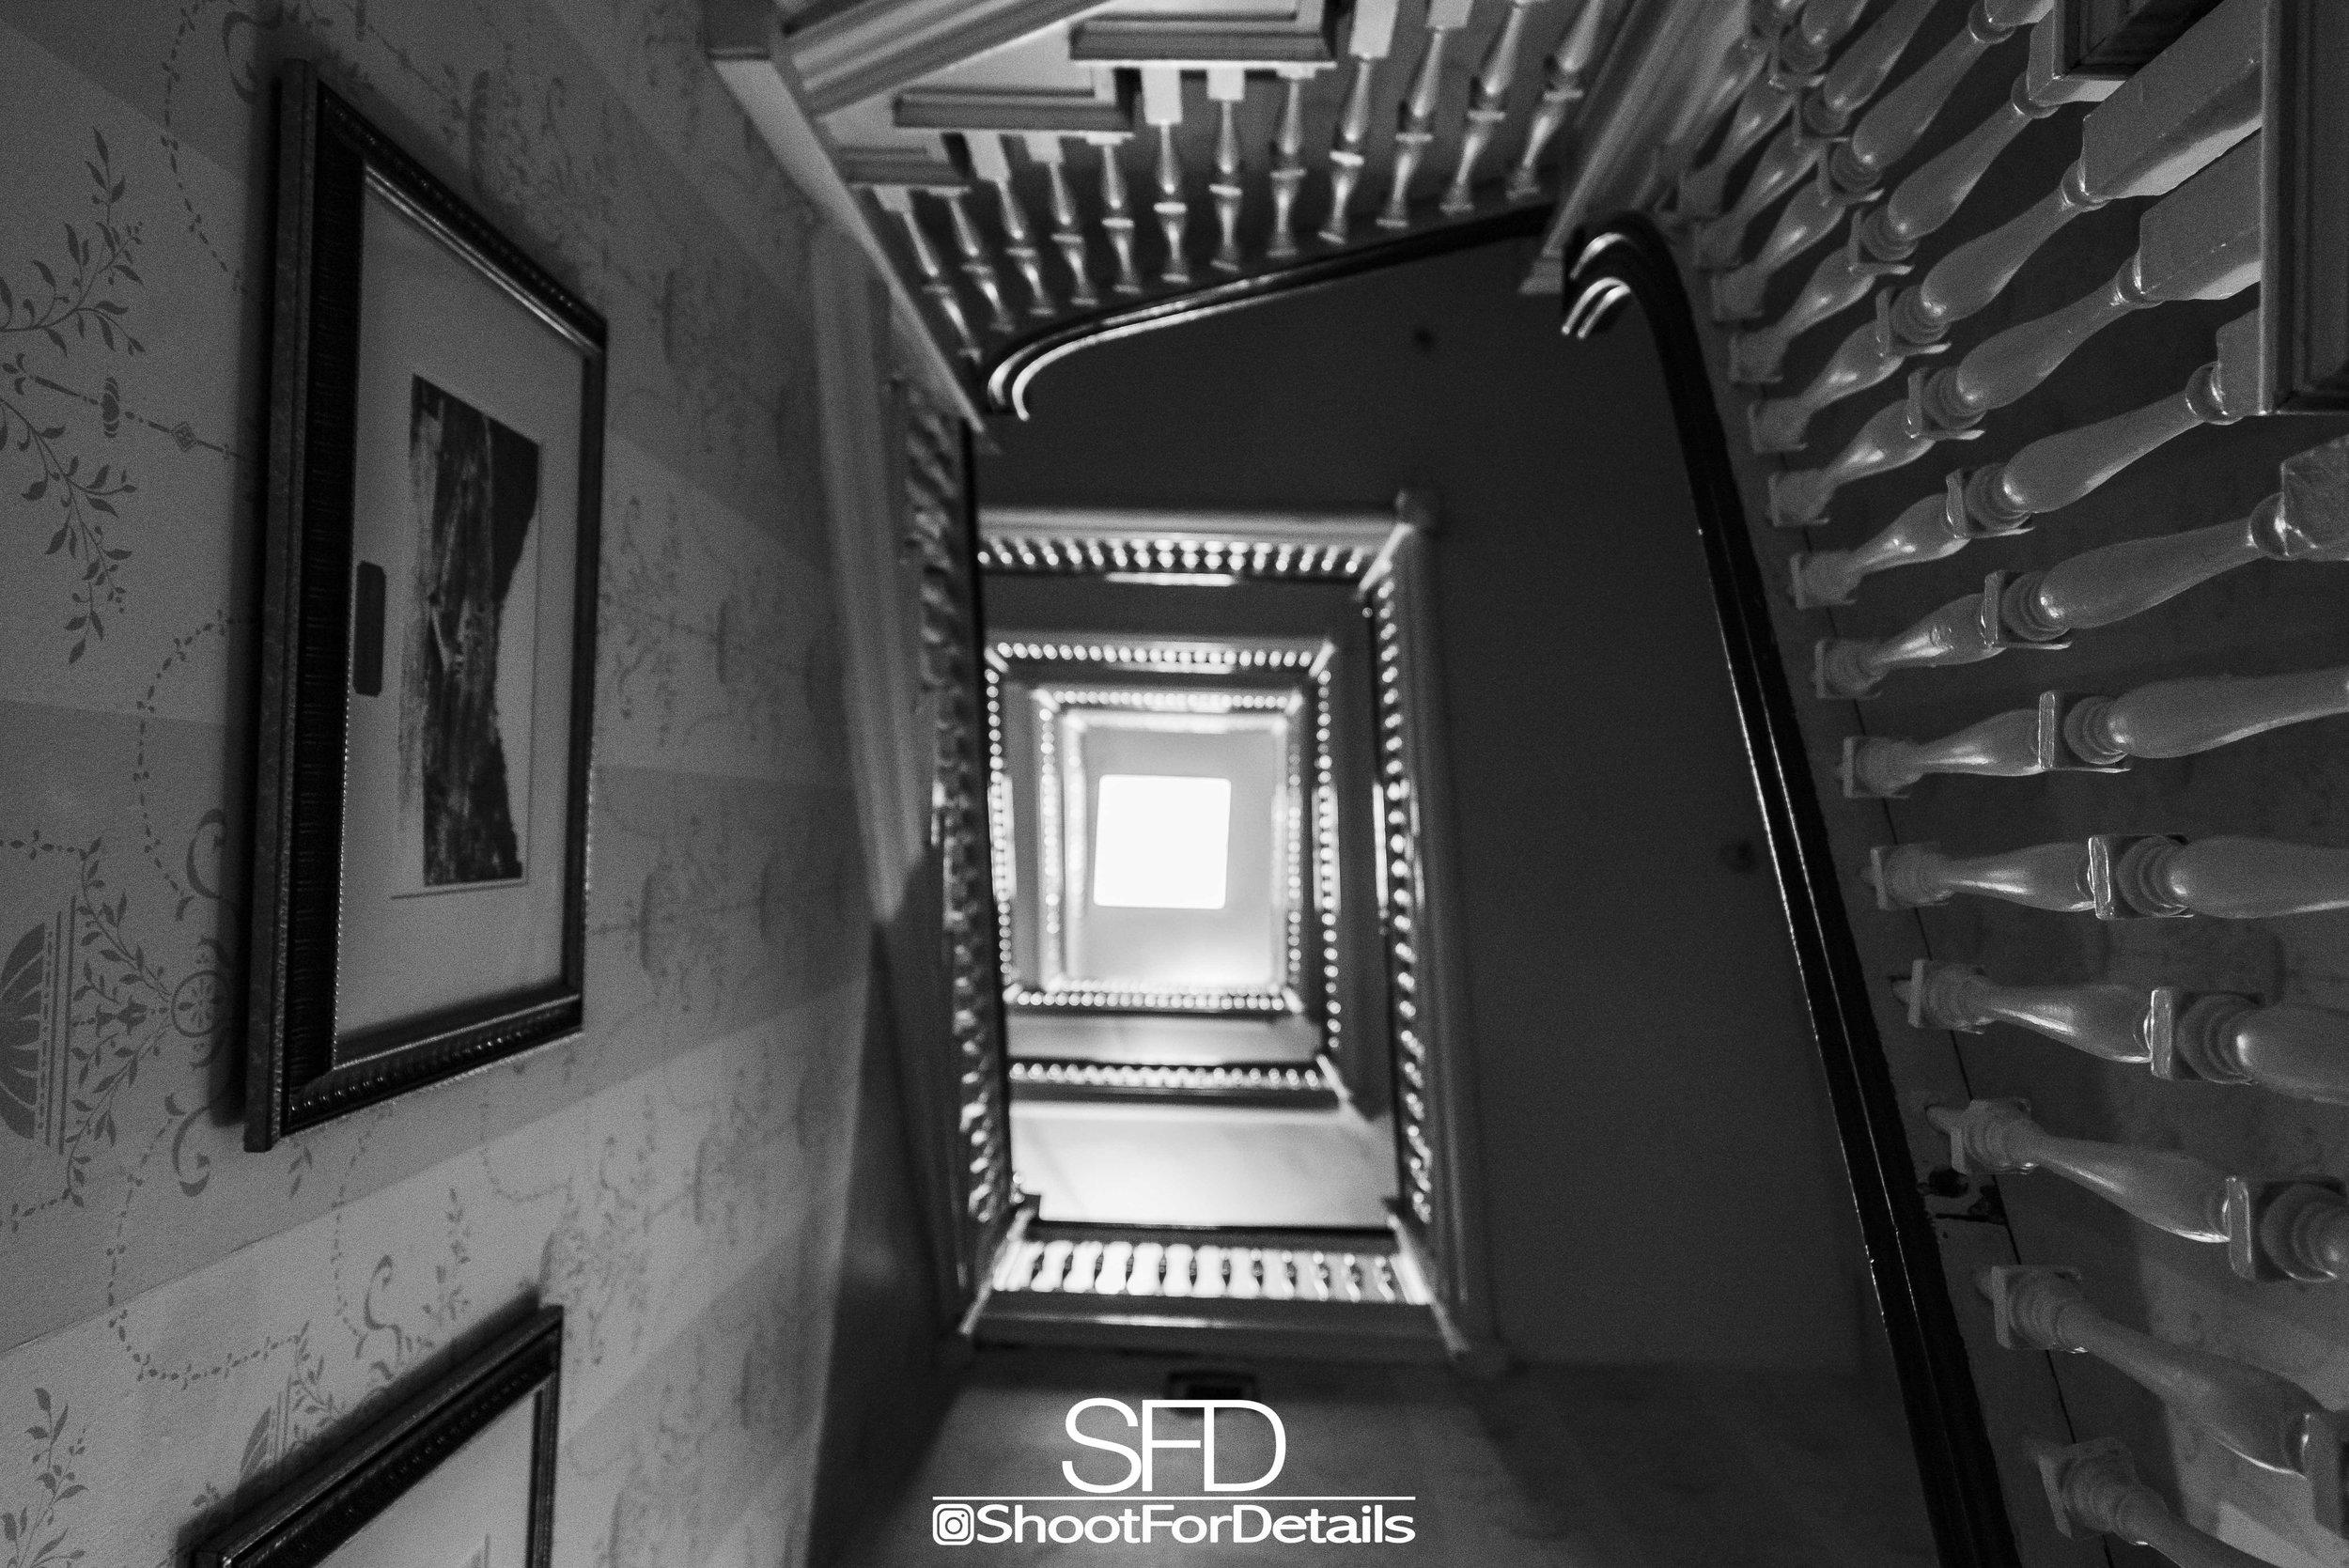 SFD_7883.jpg